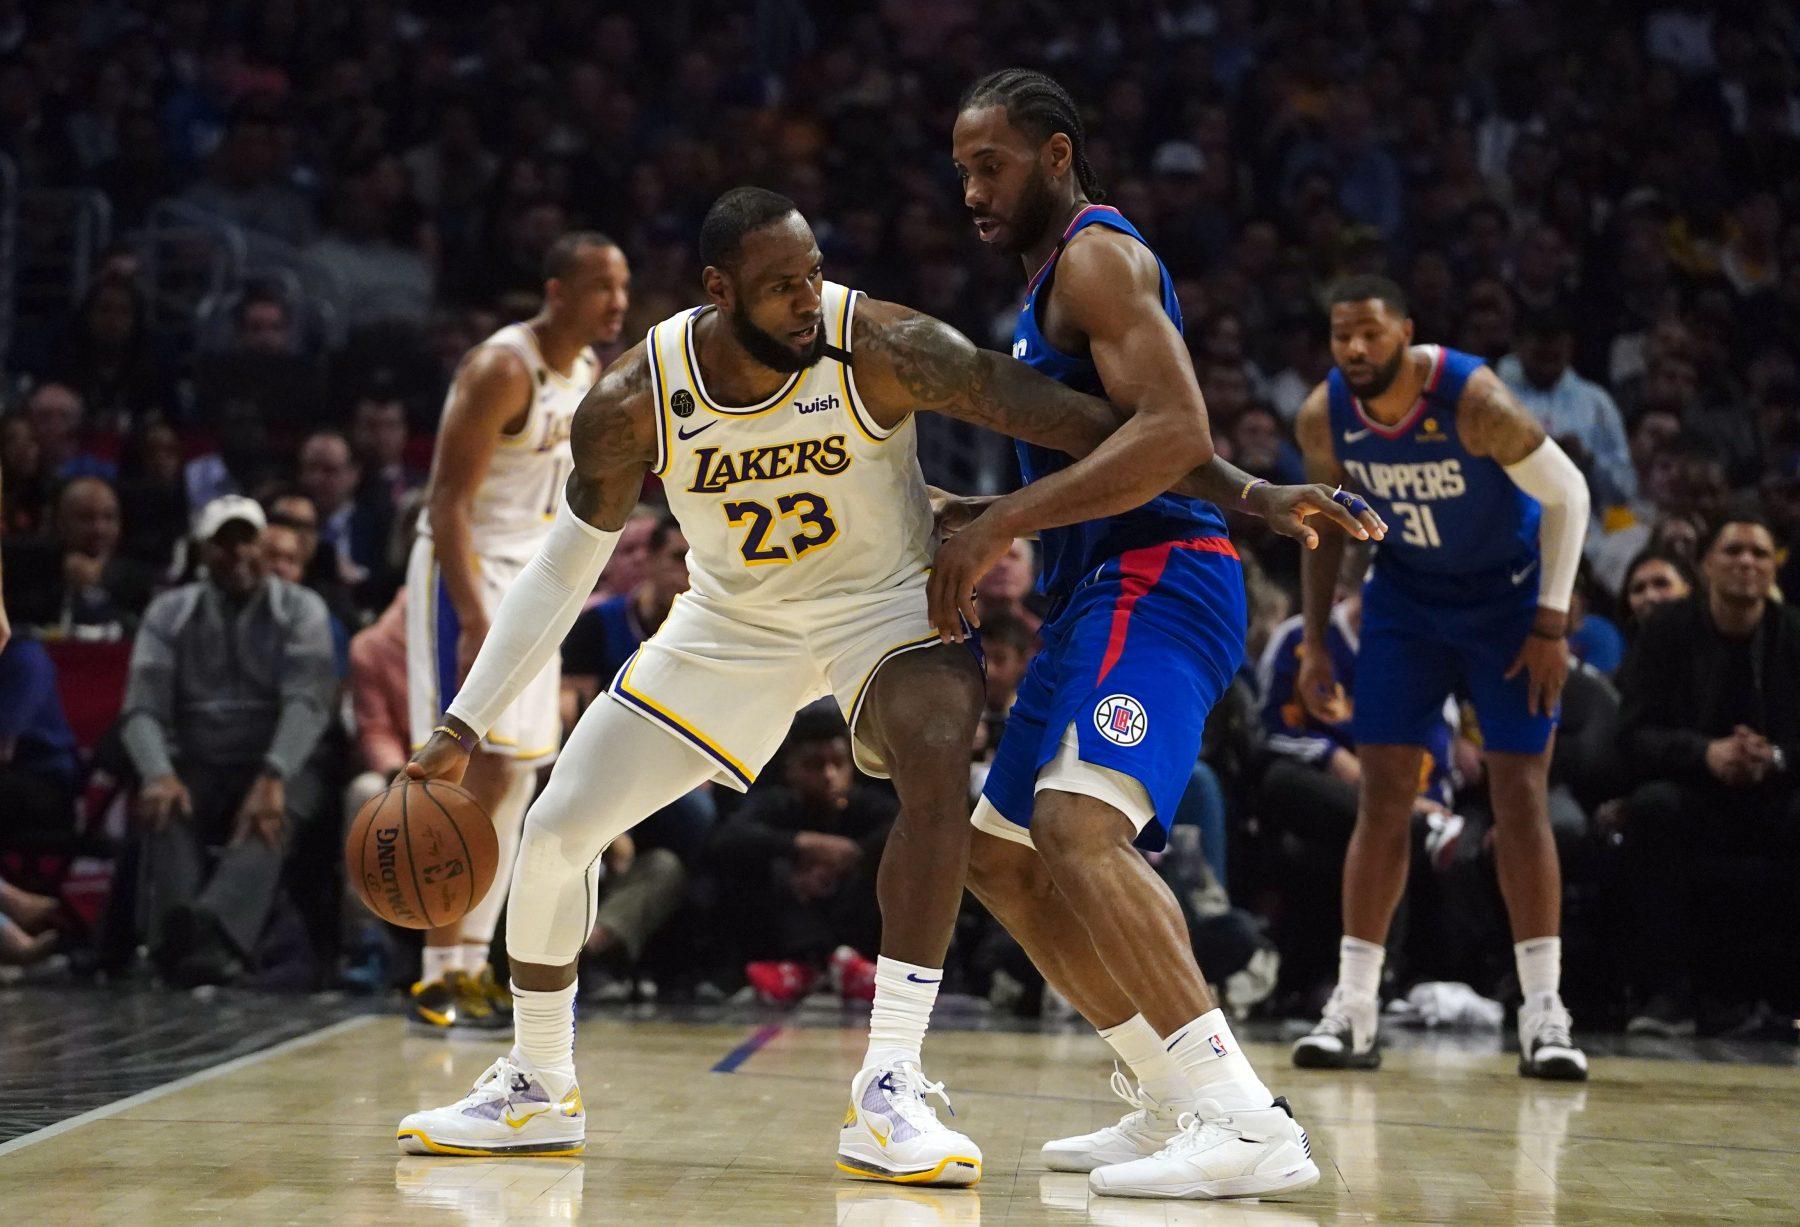 杰伊-威廉姆斯:勒布朗-詹姆斯绝对是NBA中最好的球员